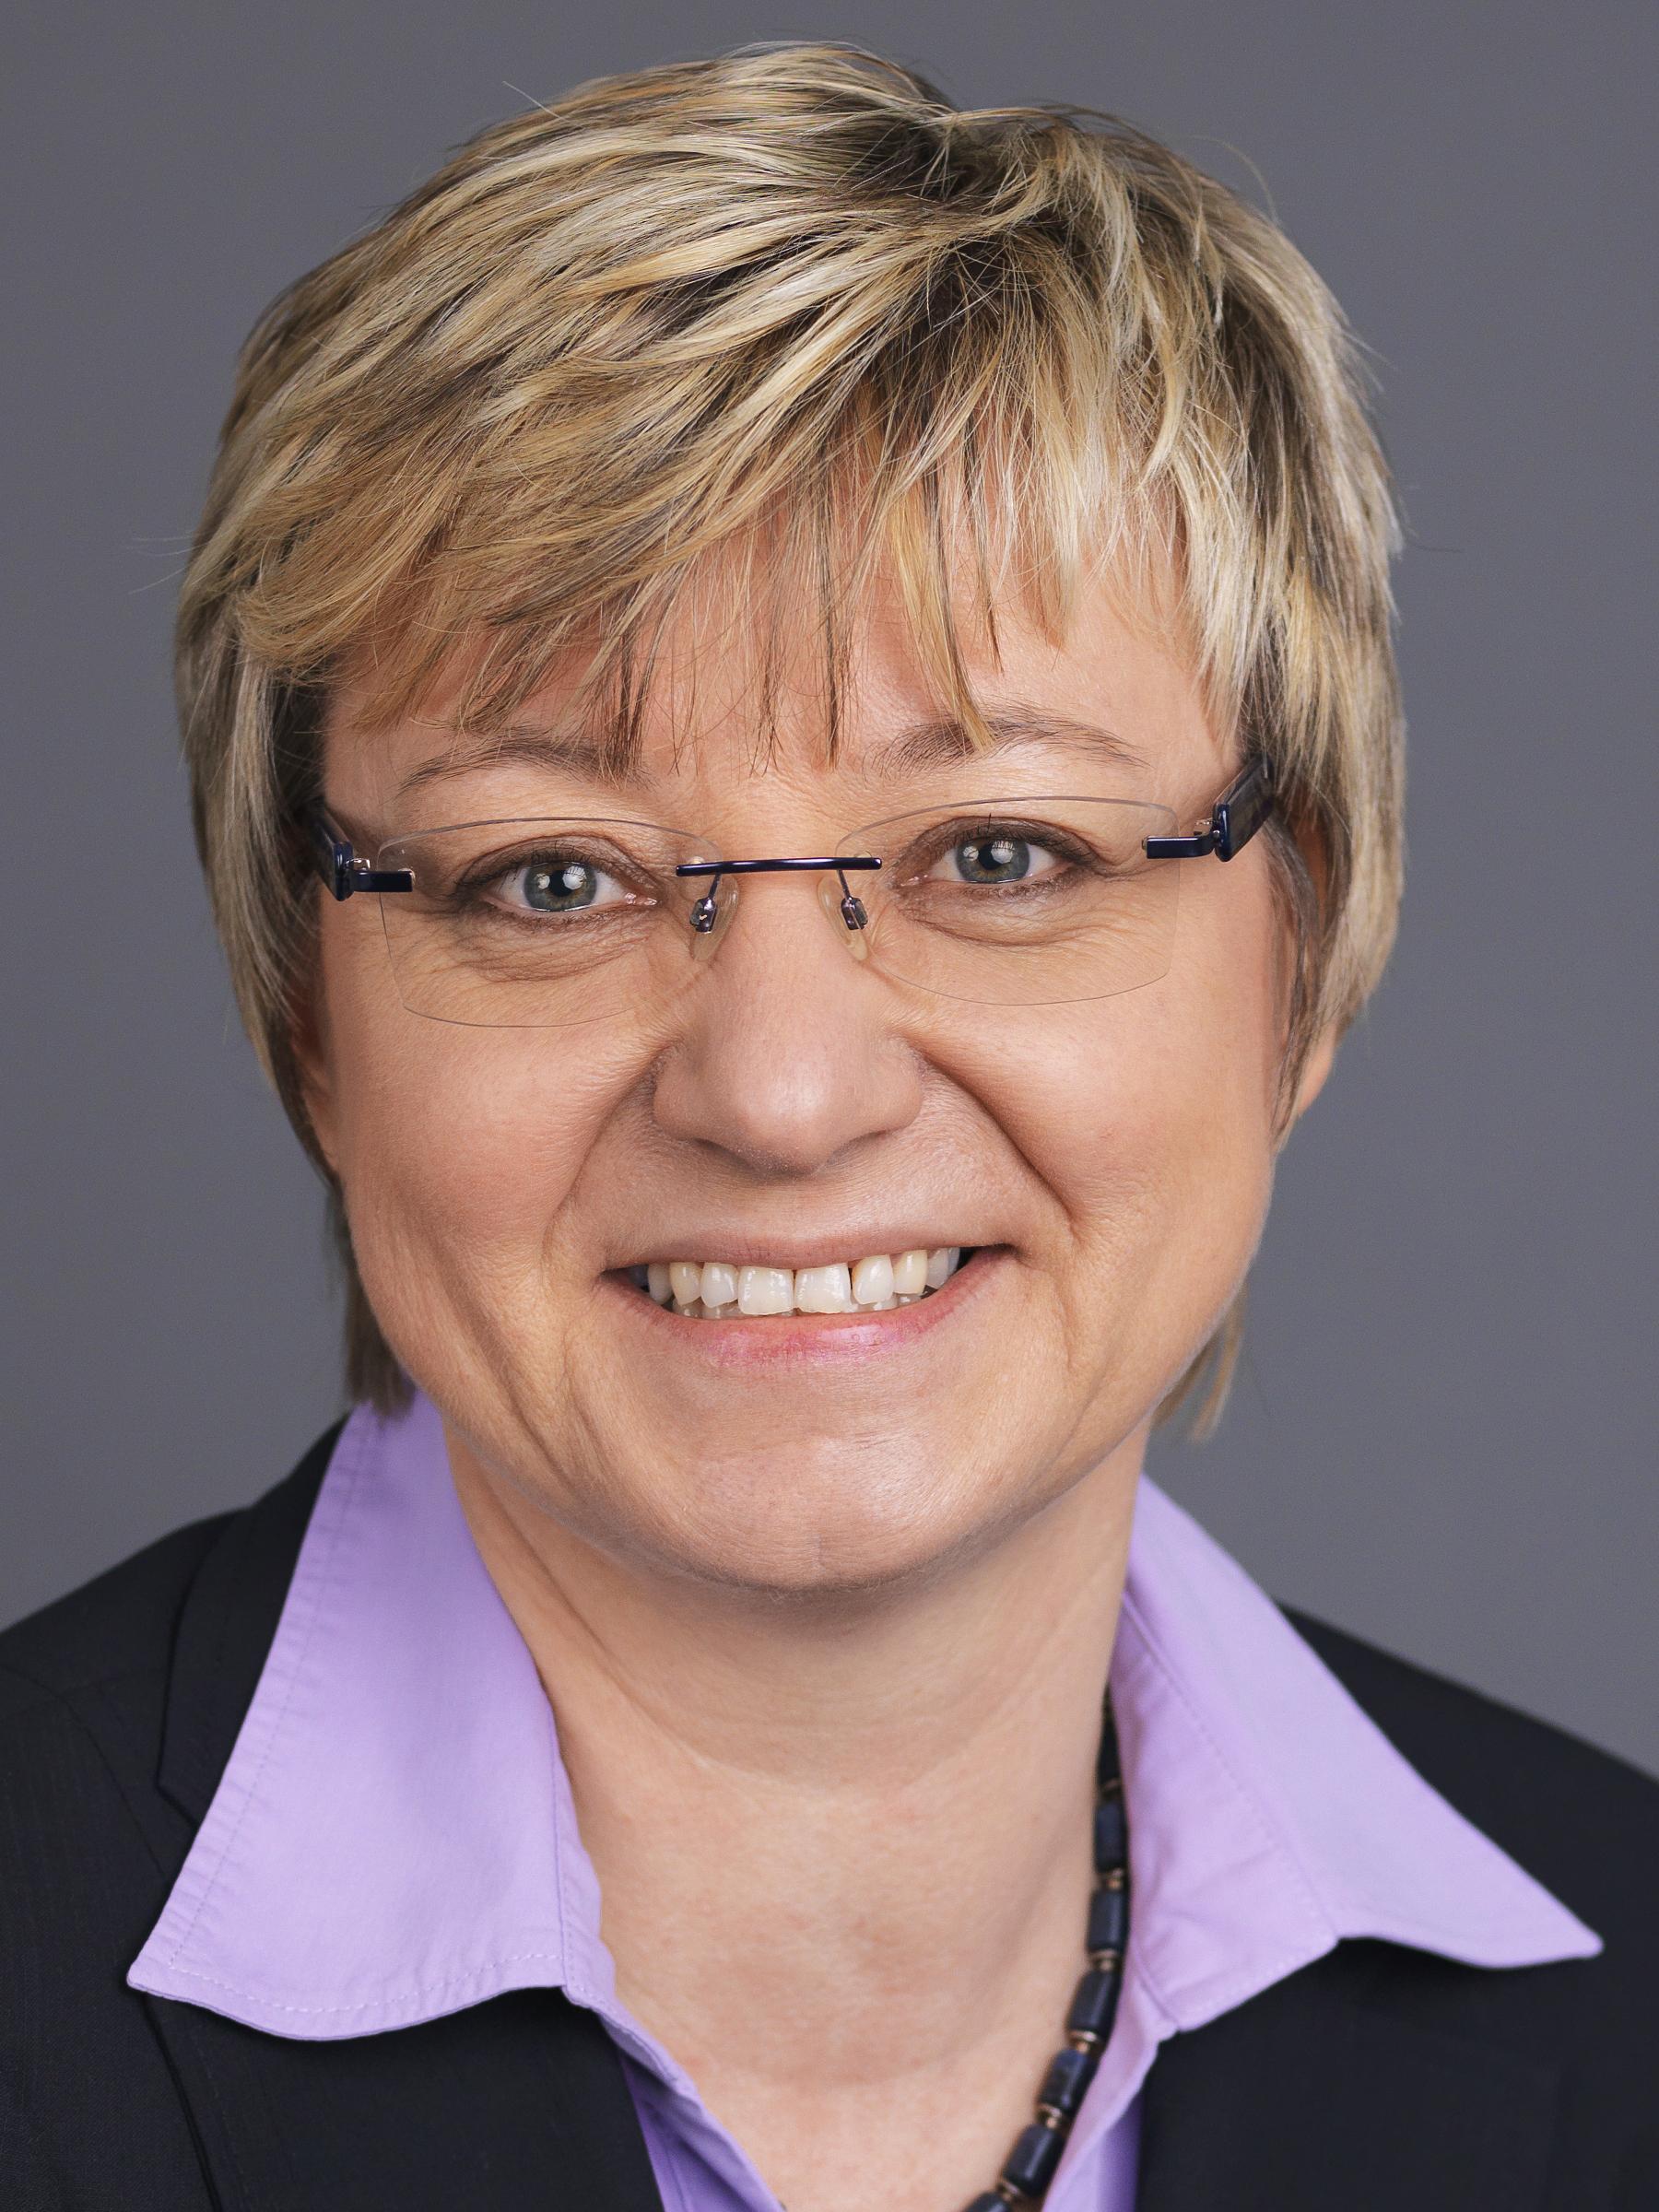 Hier lächelt sie noch: Frauke Heiligenstadt (SPD). Foto: SPD-Fraktion im Niedersächsischen Landtag